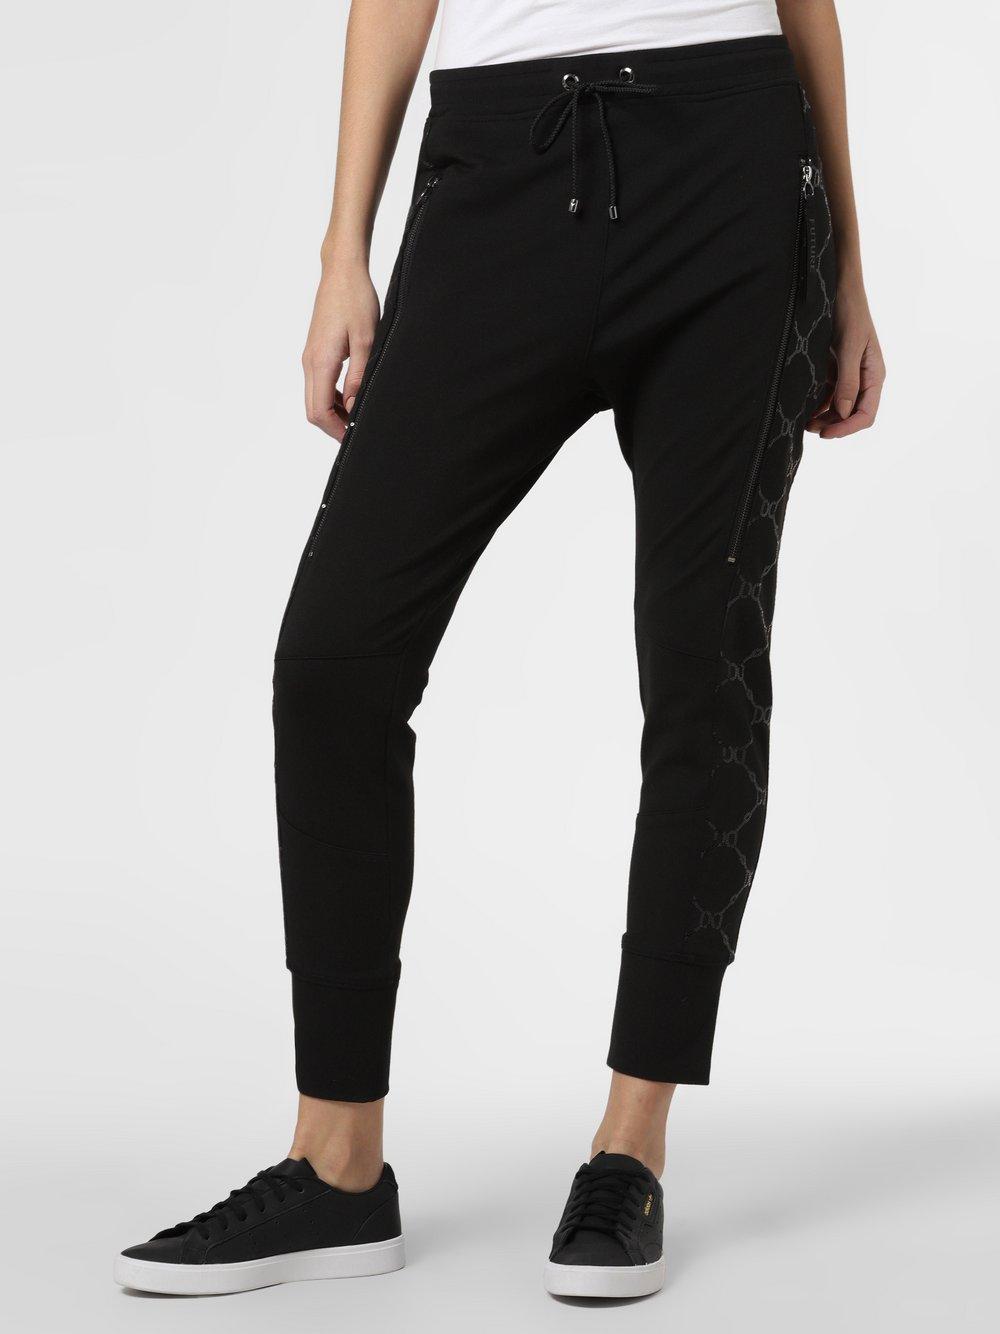 MAC – Damskie spodnie dresowe – Future 2.0 Glam, czarny Van Graaf 457298-0001-00340